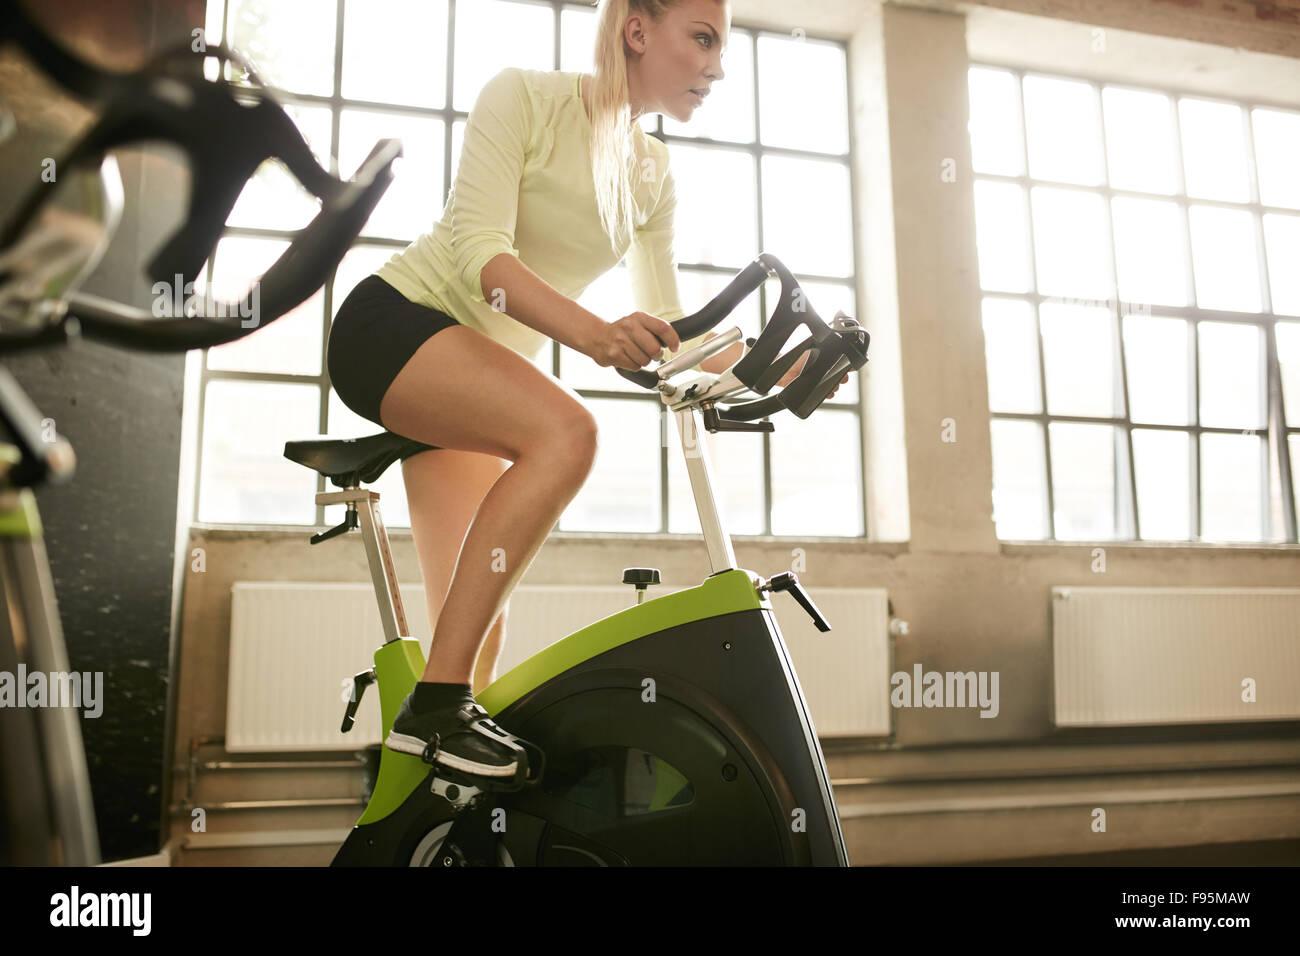 Donna Fitness in bicicletta facendo spinning presso la palestra. Montare giovani femmine lavoro su palestra bike. Immagini Stock